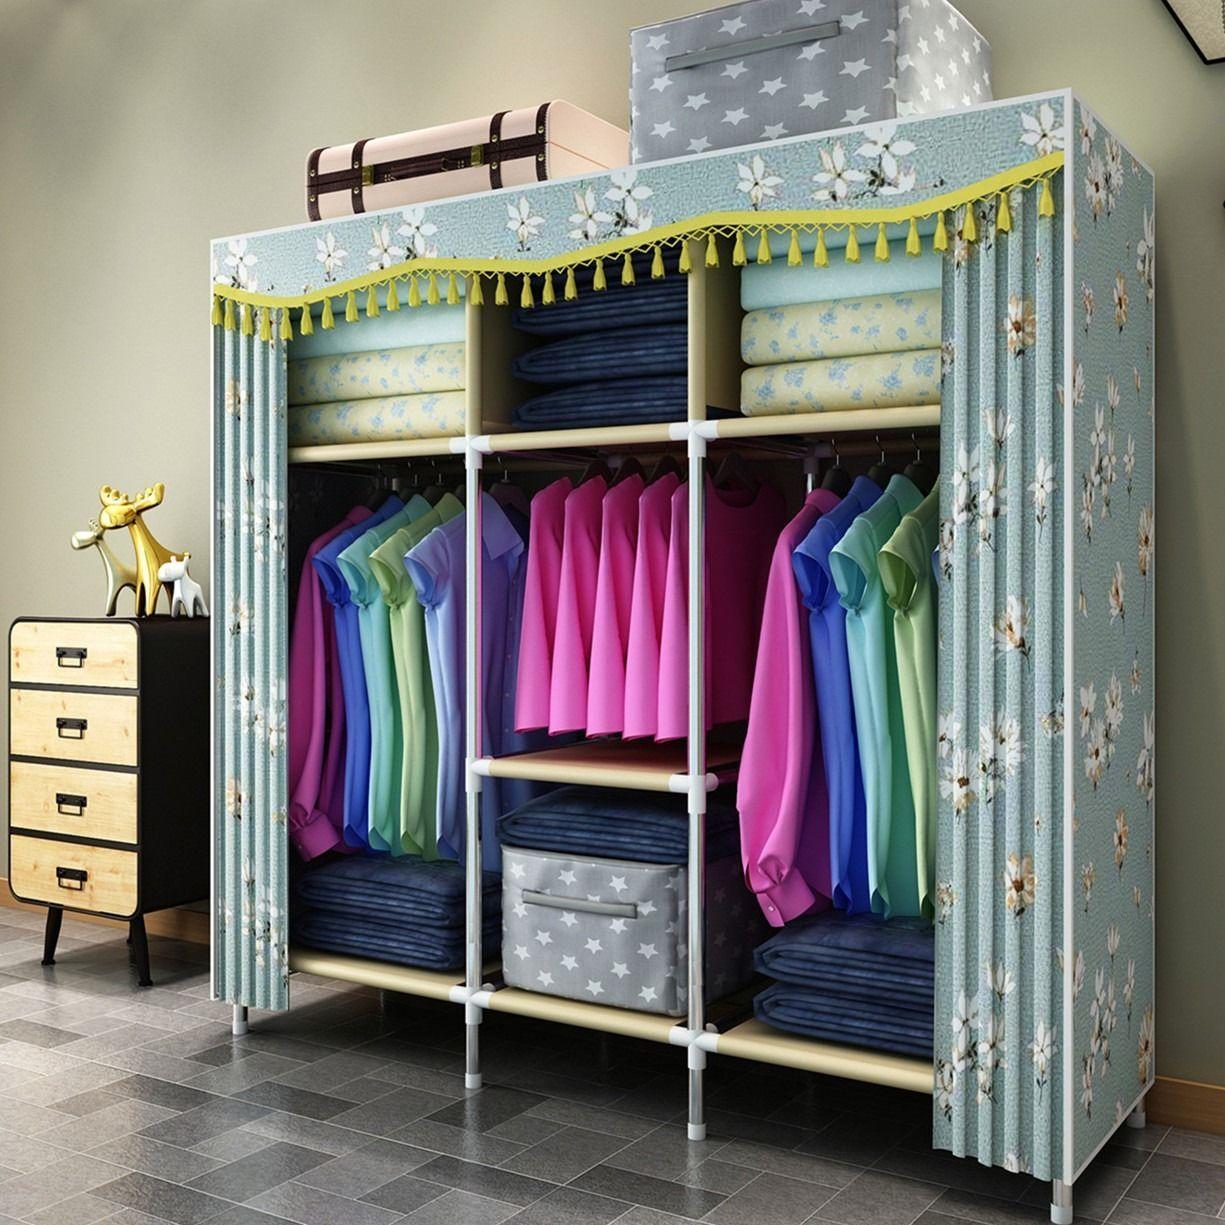 无纺布衣柜是实木的好还是钢管的好?-手机房天下知识